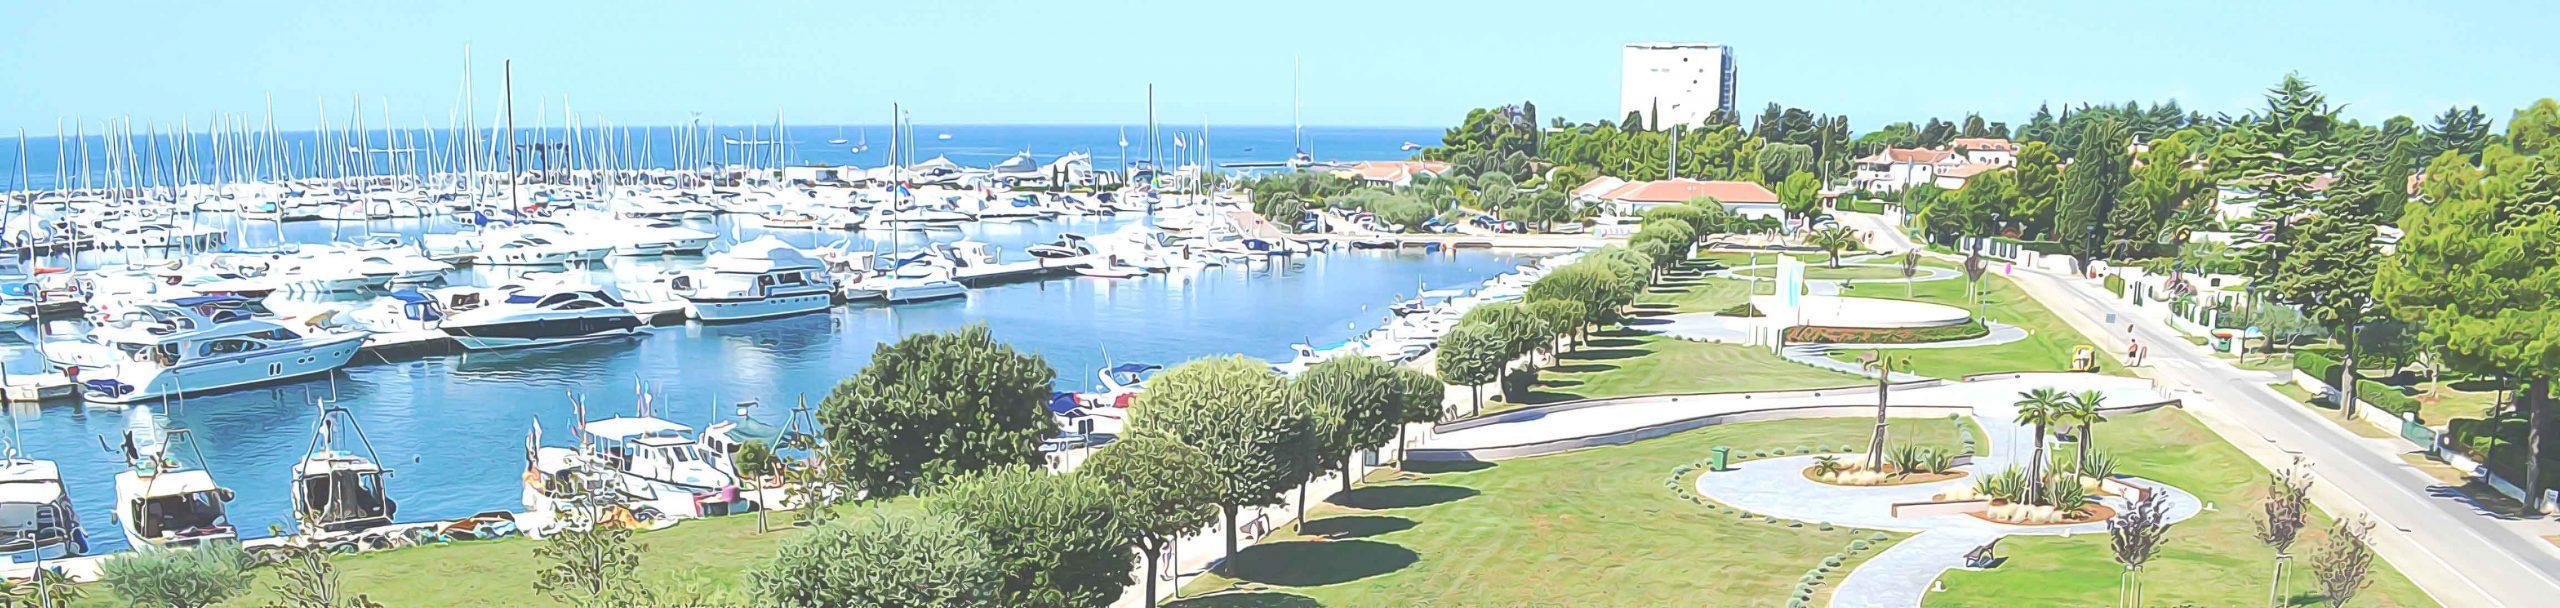 Marina, Humagum i Hotel Adriatic